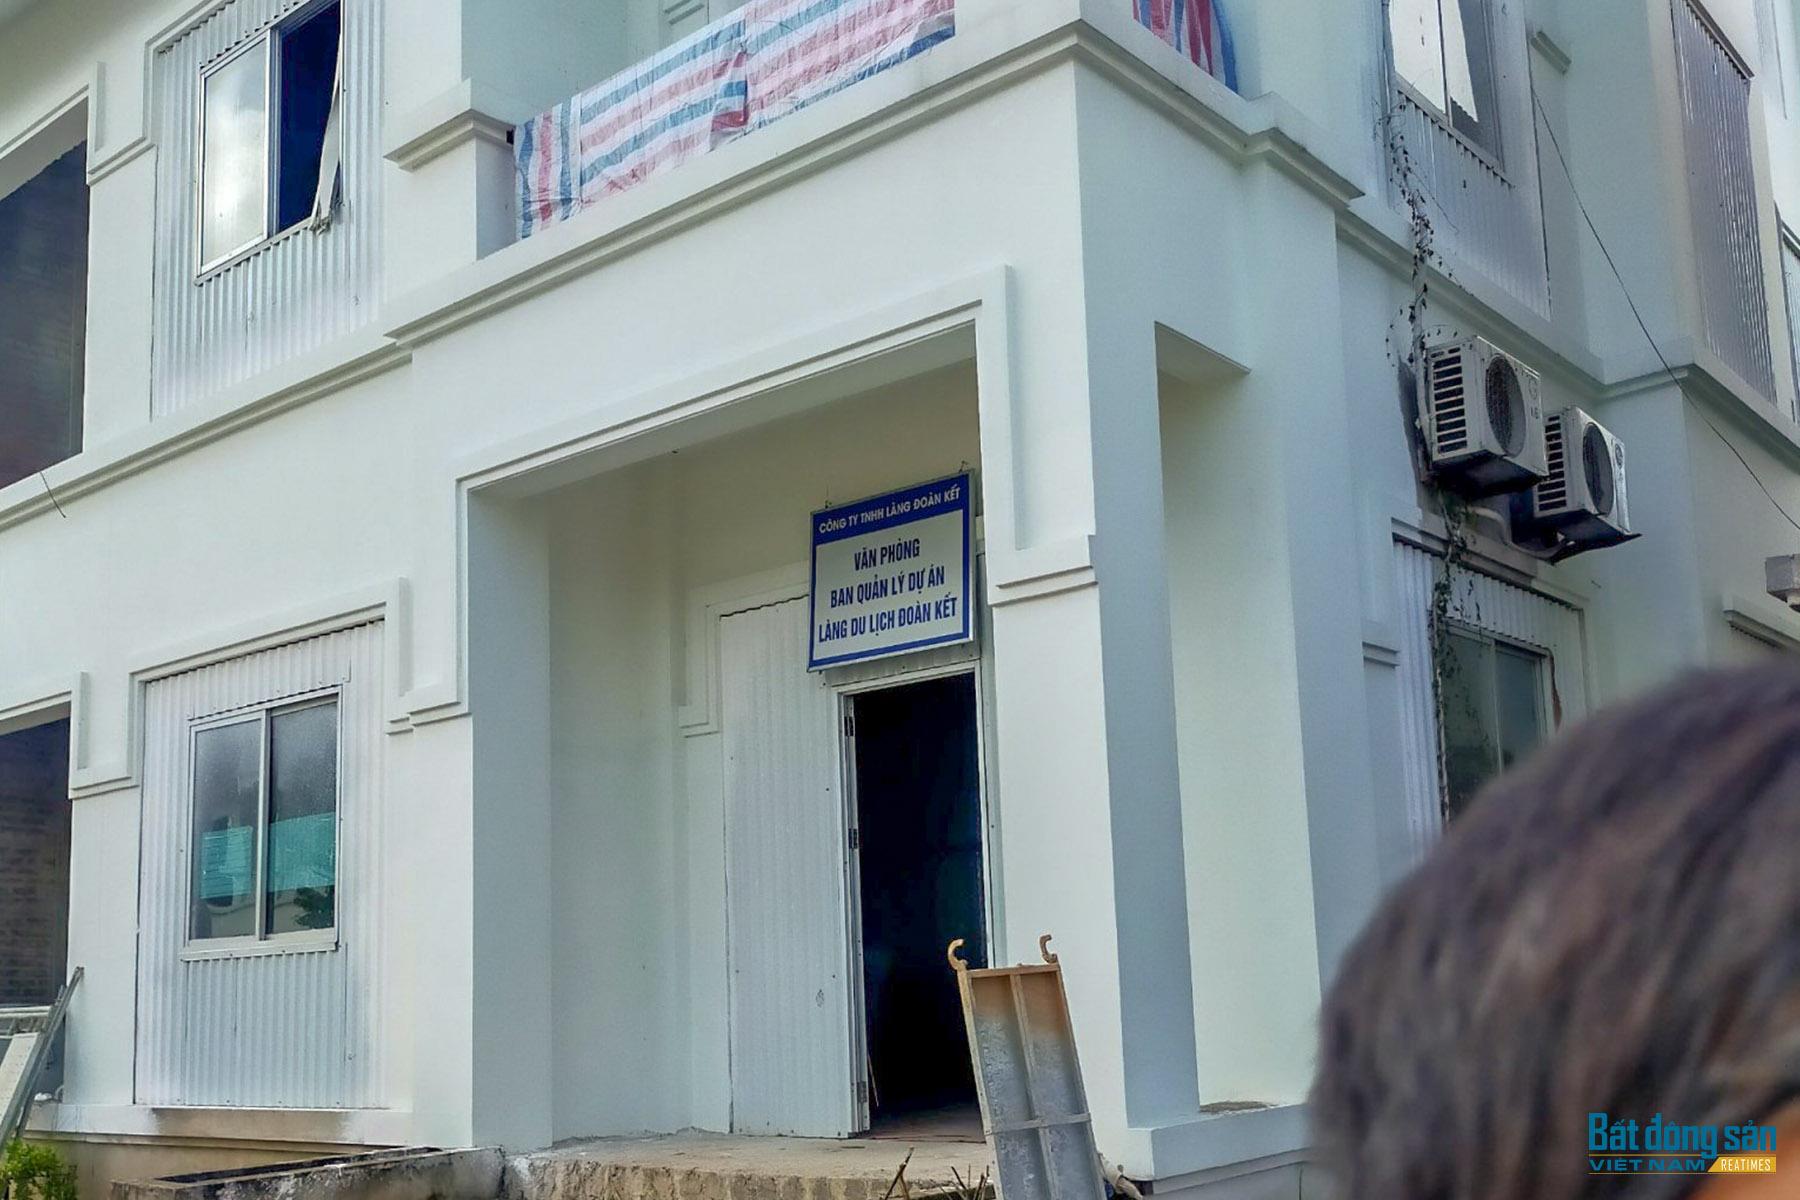 Reatimes_7.png, Dự án 44 căn biệt thự bỏ hoang, làng Đoàn kết